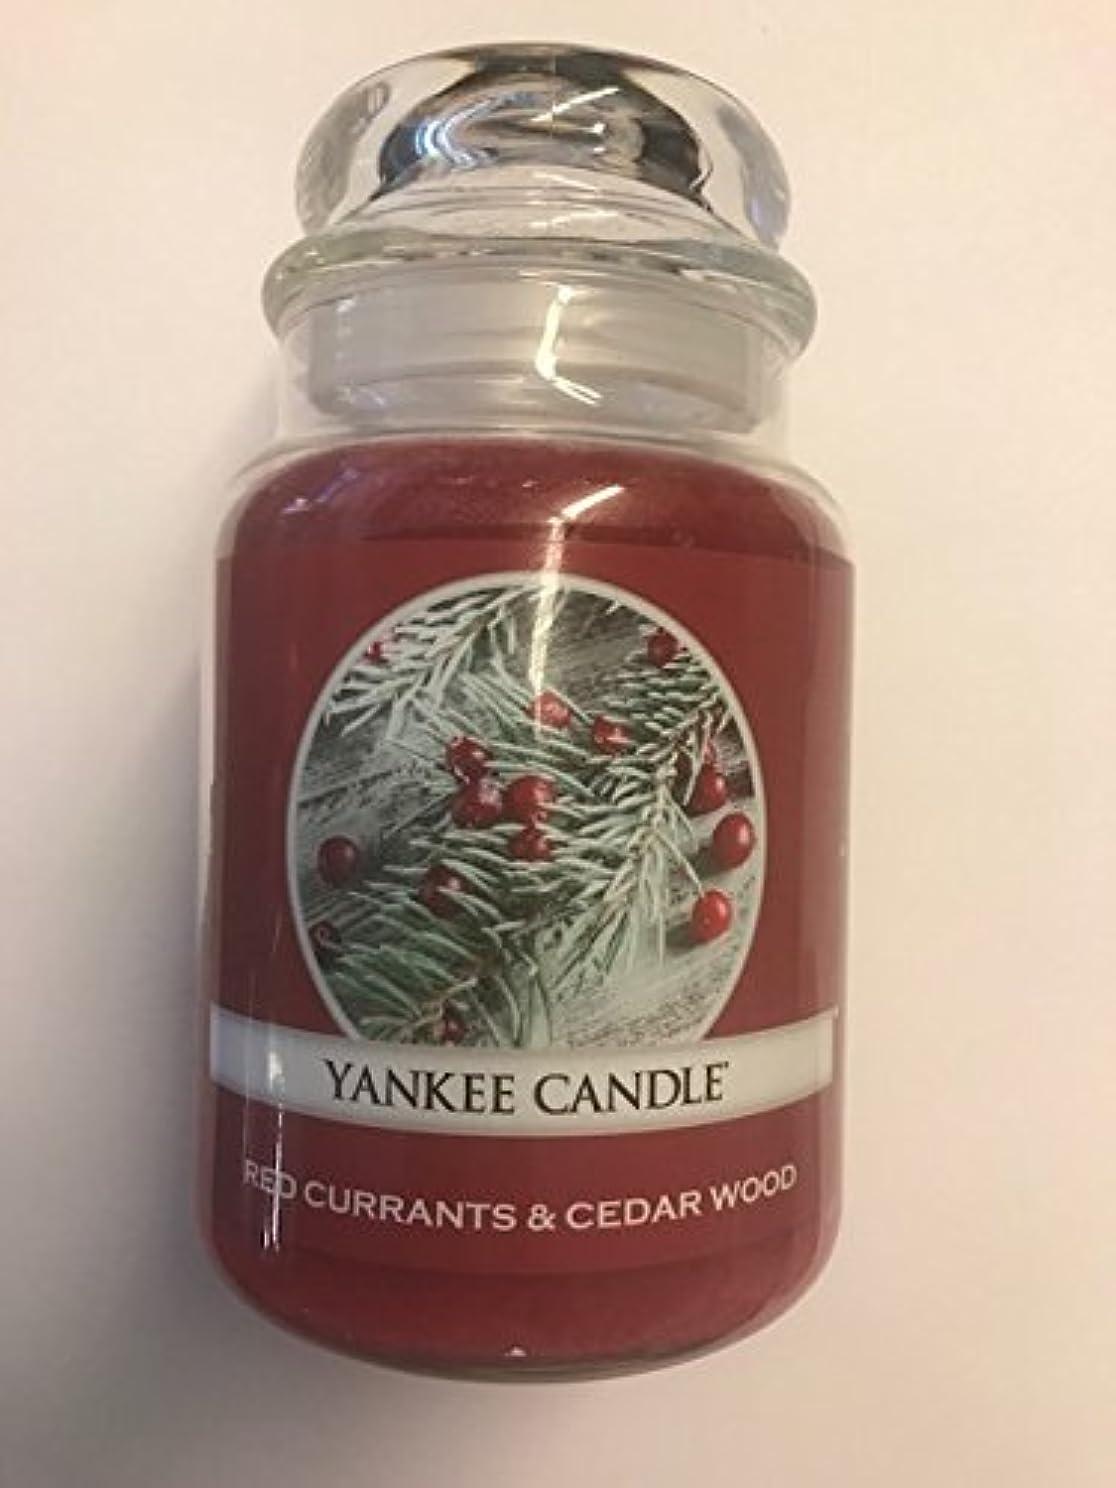 審判クレア脚Red Currants & Cedar Wood Yankee Candle / 22?0z